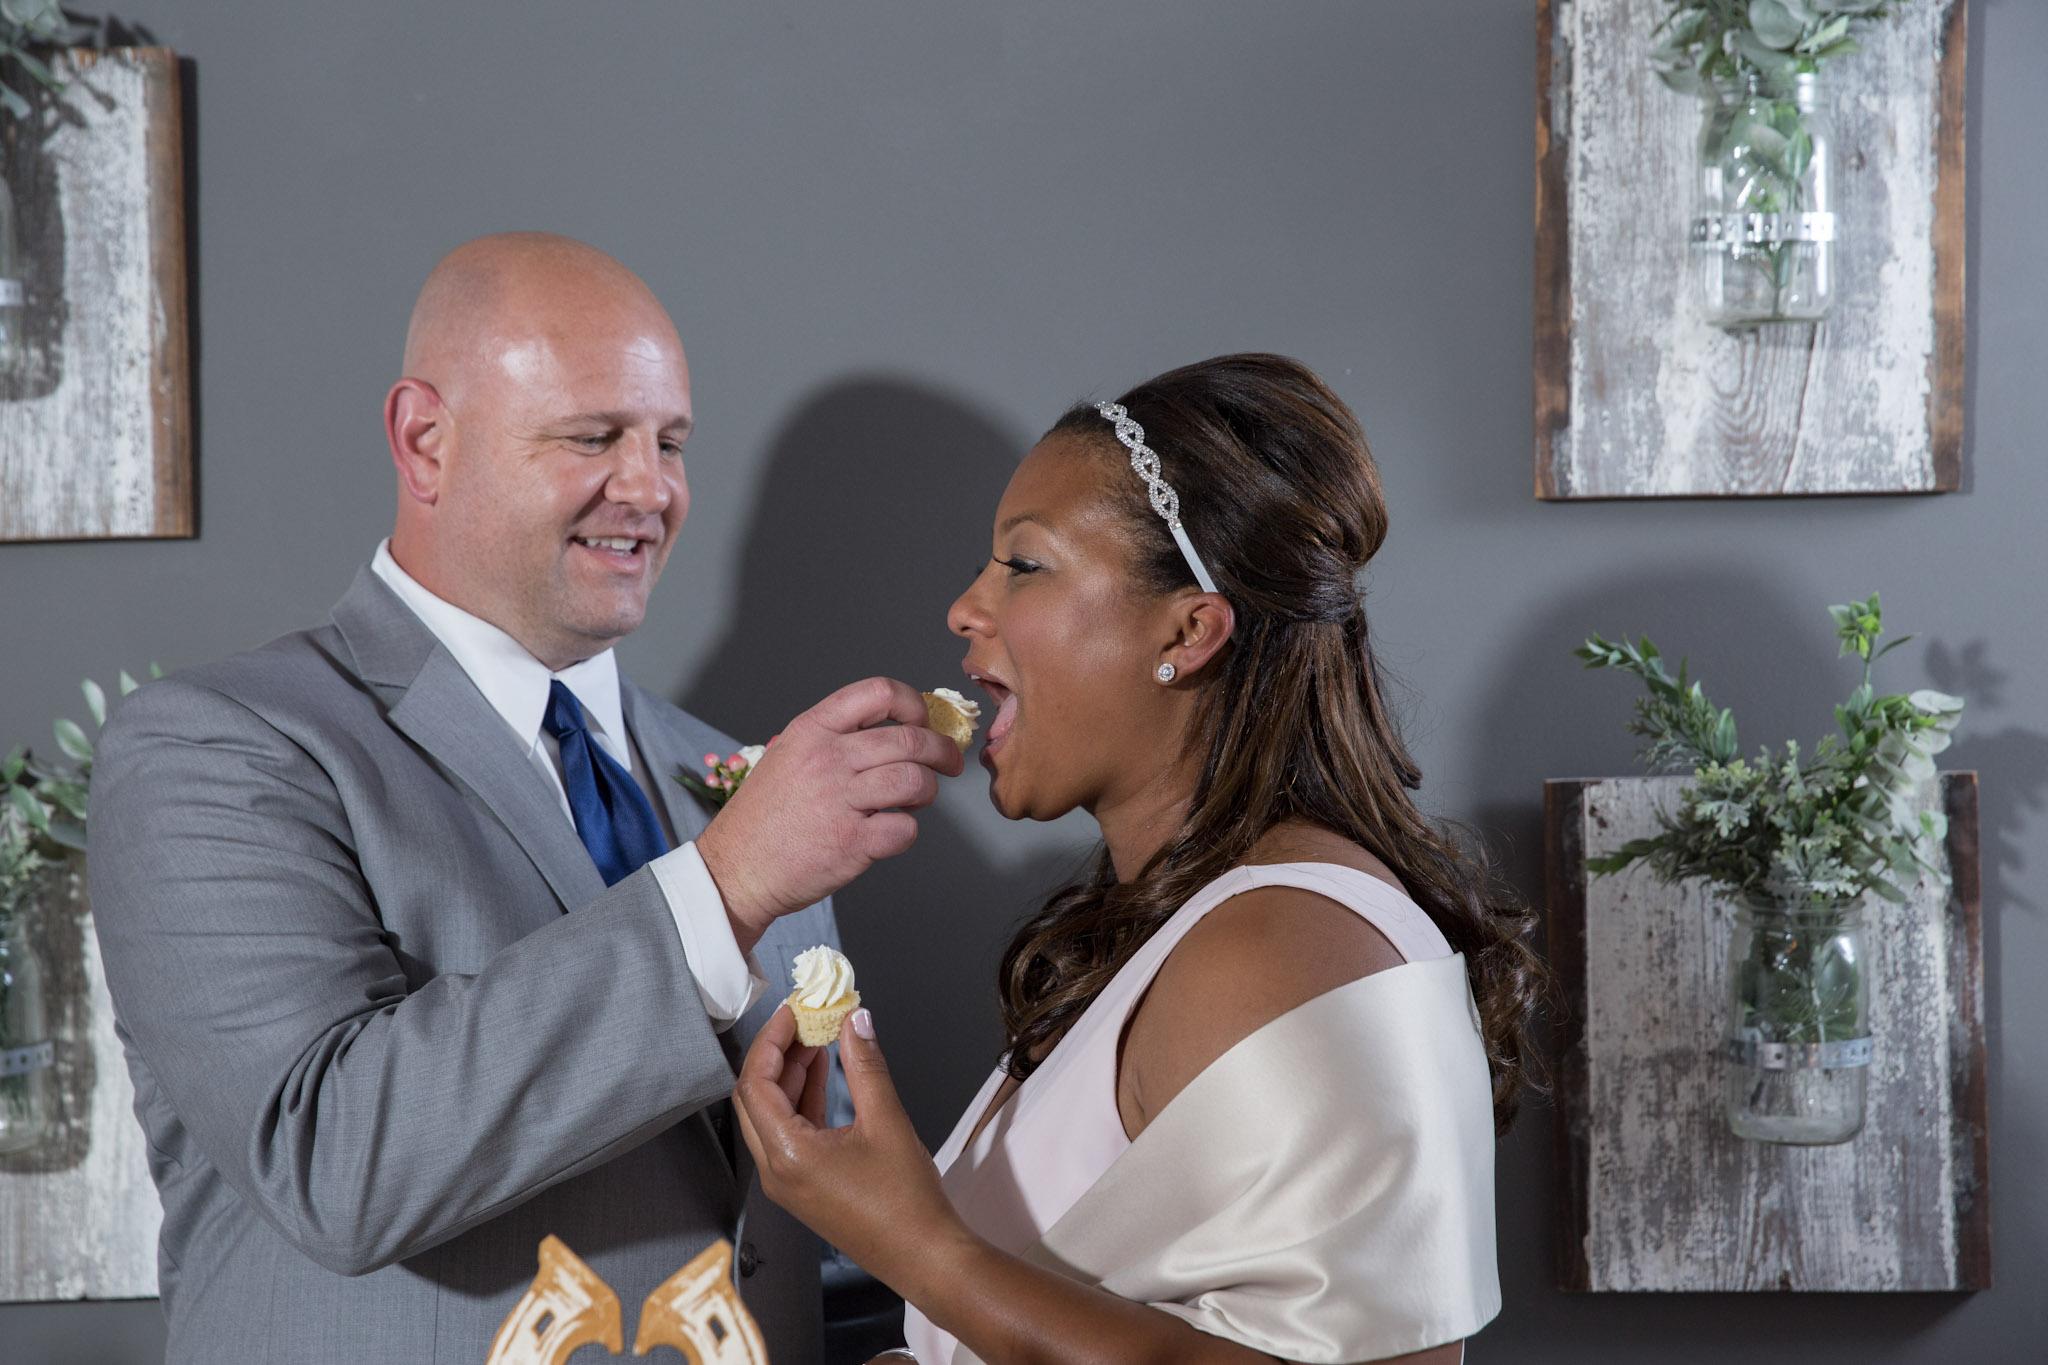 Kansas_City_Intimate_Small_Budget_Wedding_Venue_299.JPG